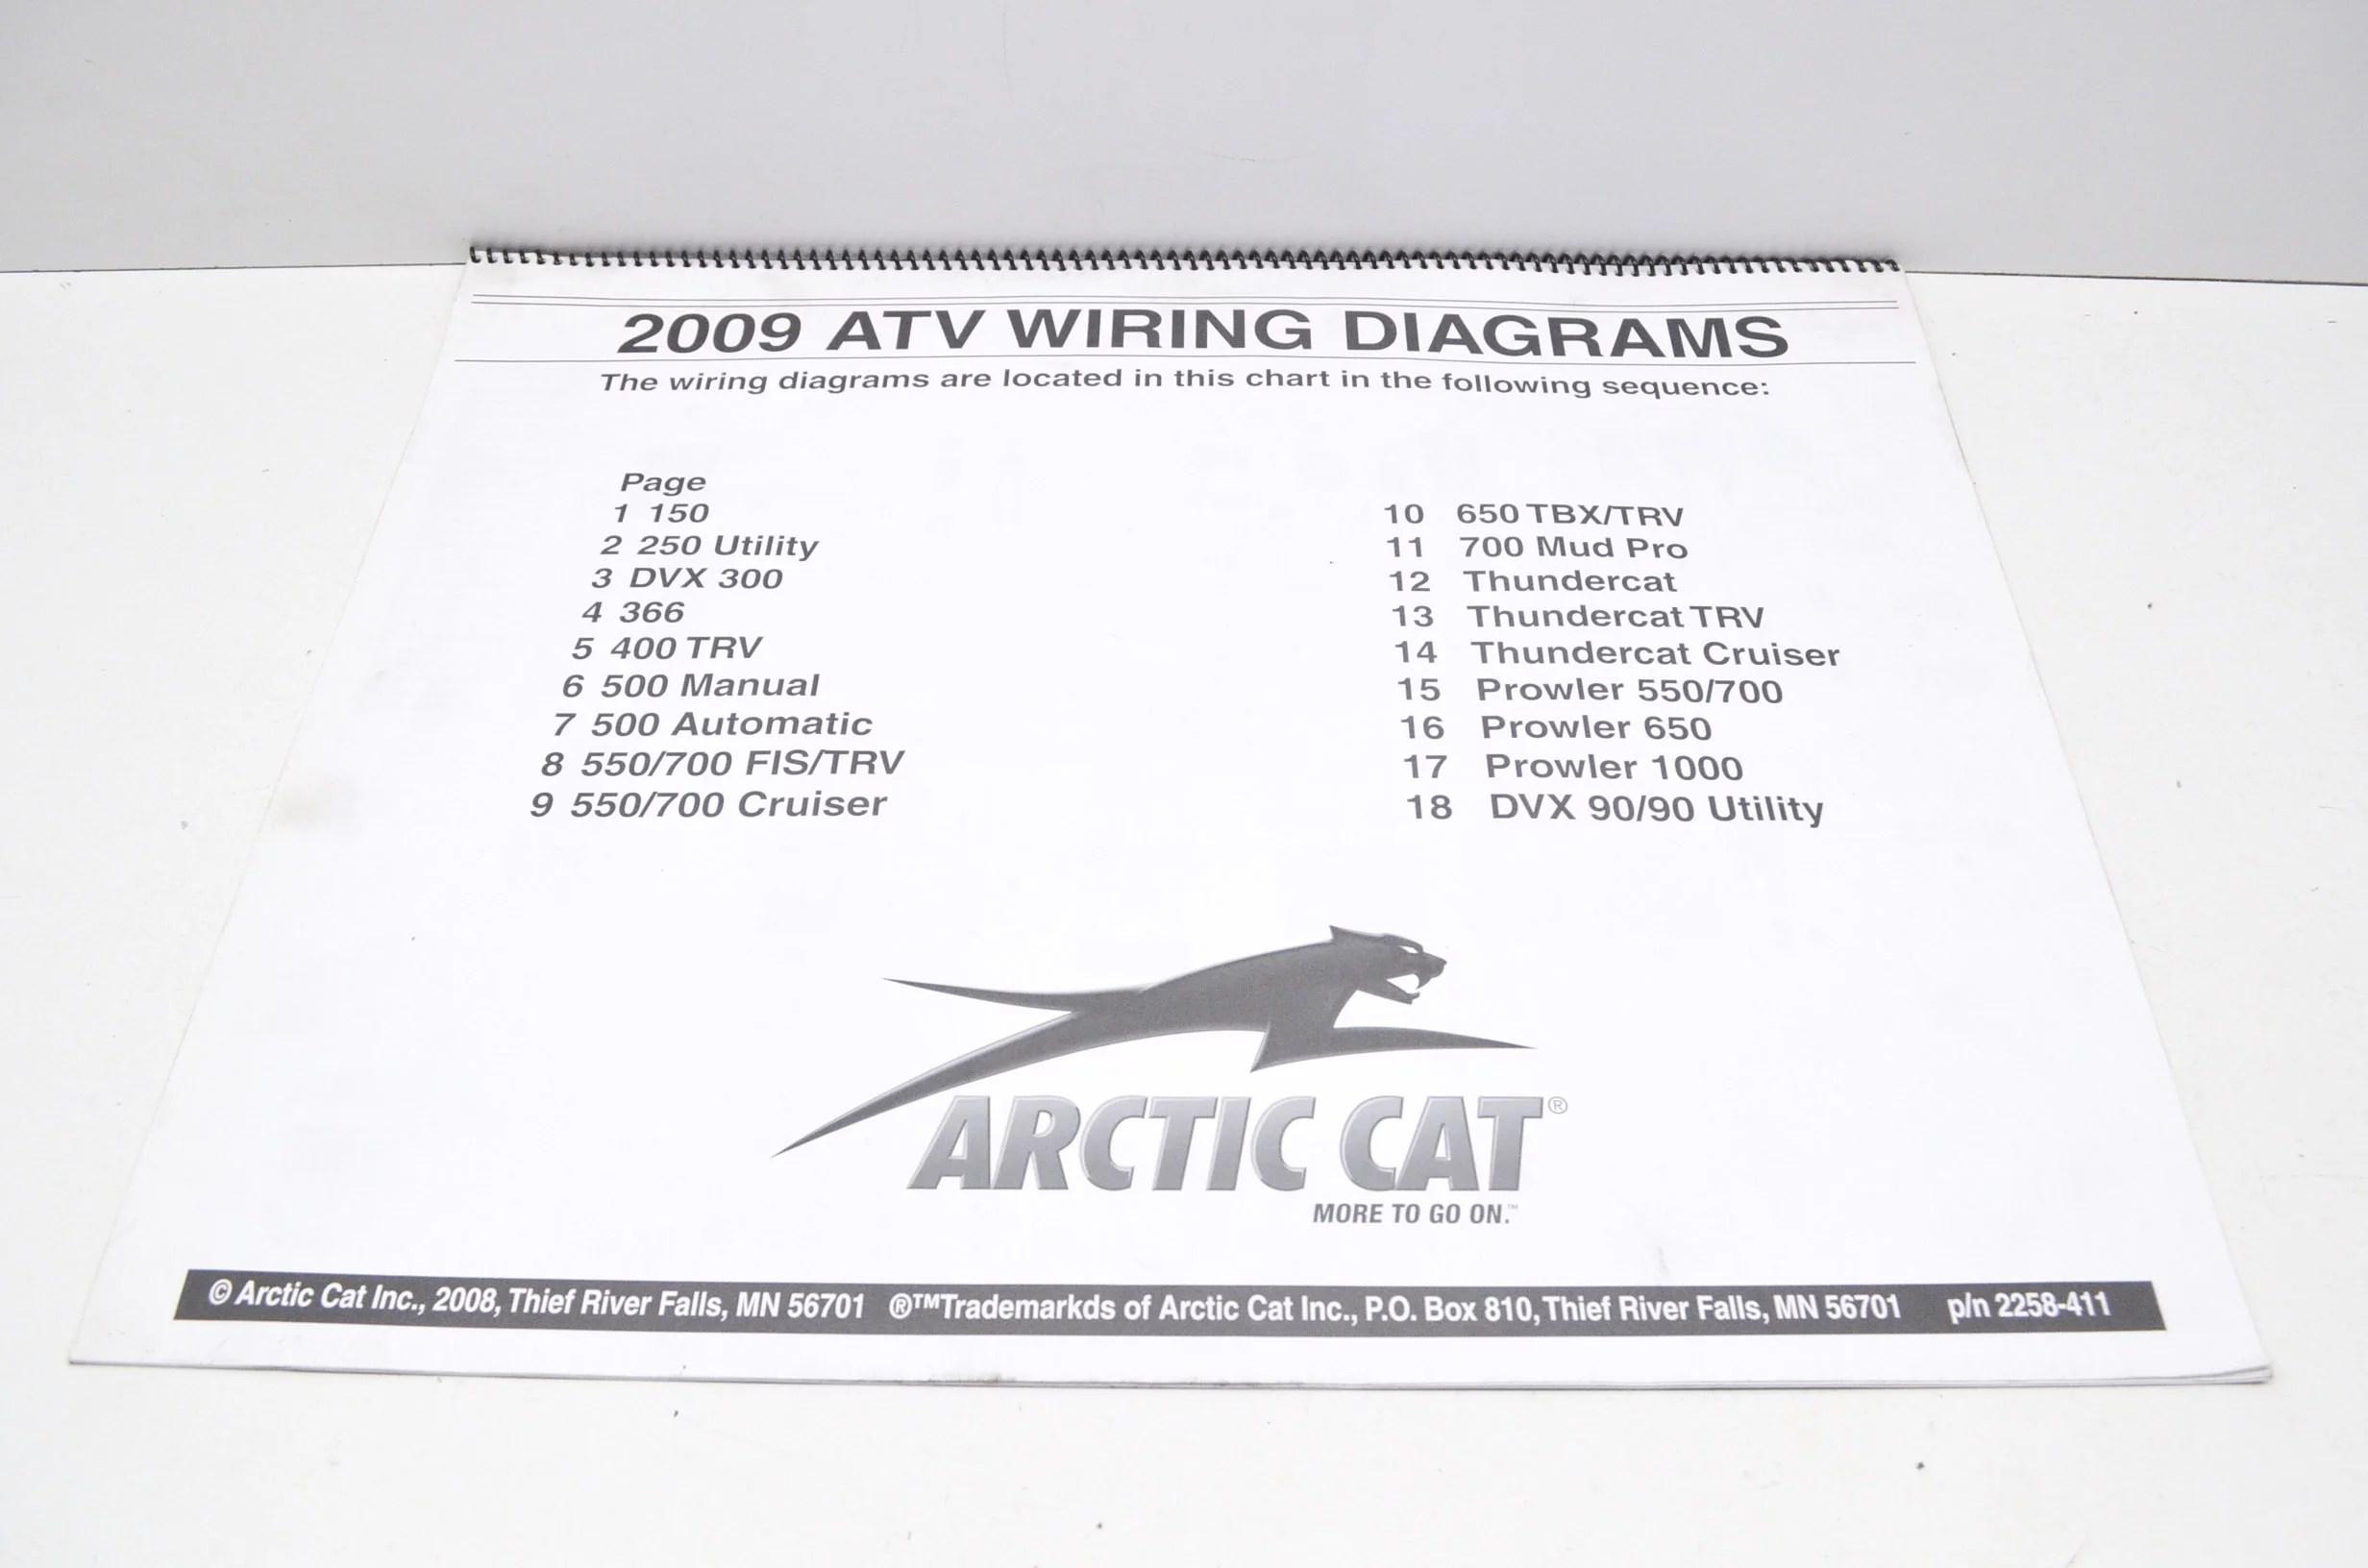 arctic cat 2258 411 2009 atv wiring diagrams qty 1 walmart com rh walmart com 2001 arctic cat 400 4x4 wiring diagram wiring diagram 1999 arctic cat 500 [ 2464 x 1632 Pixel ]